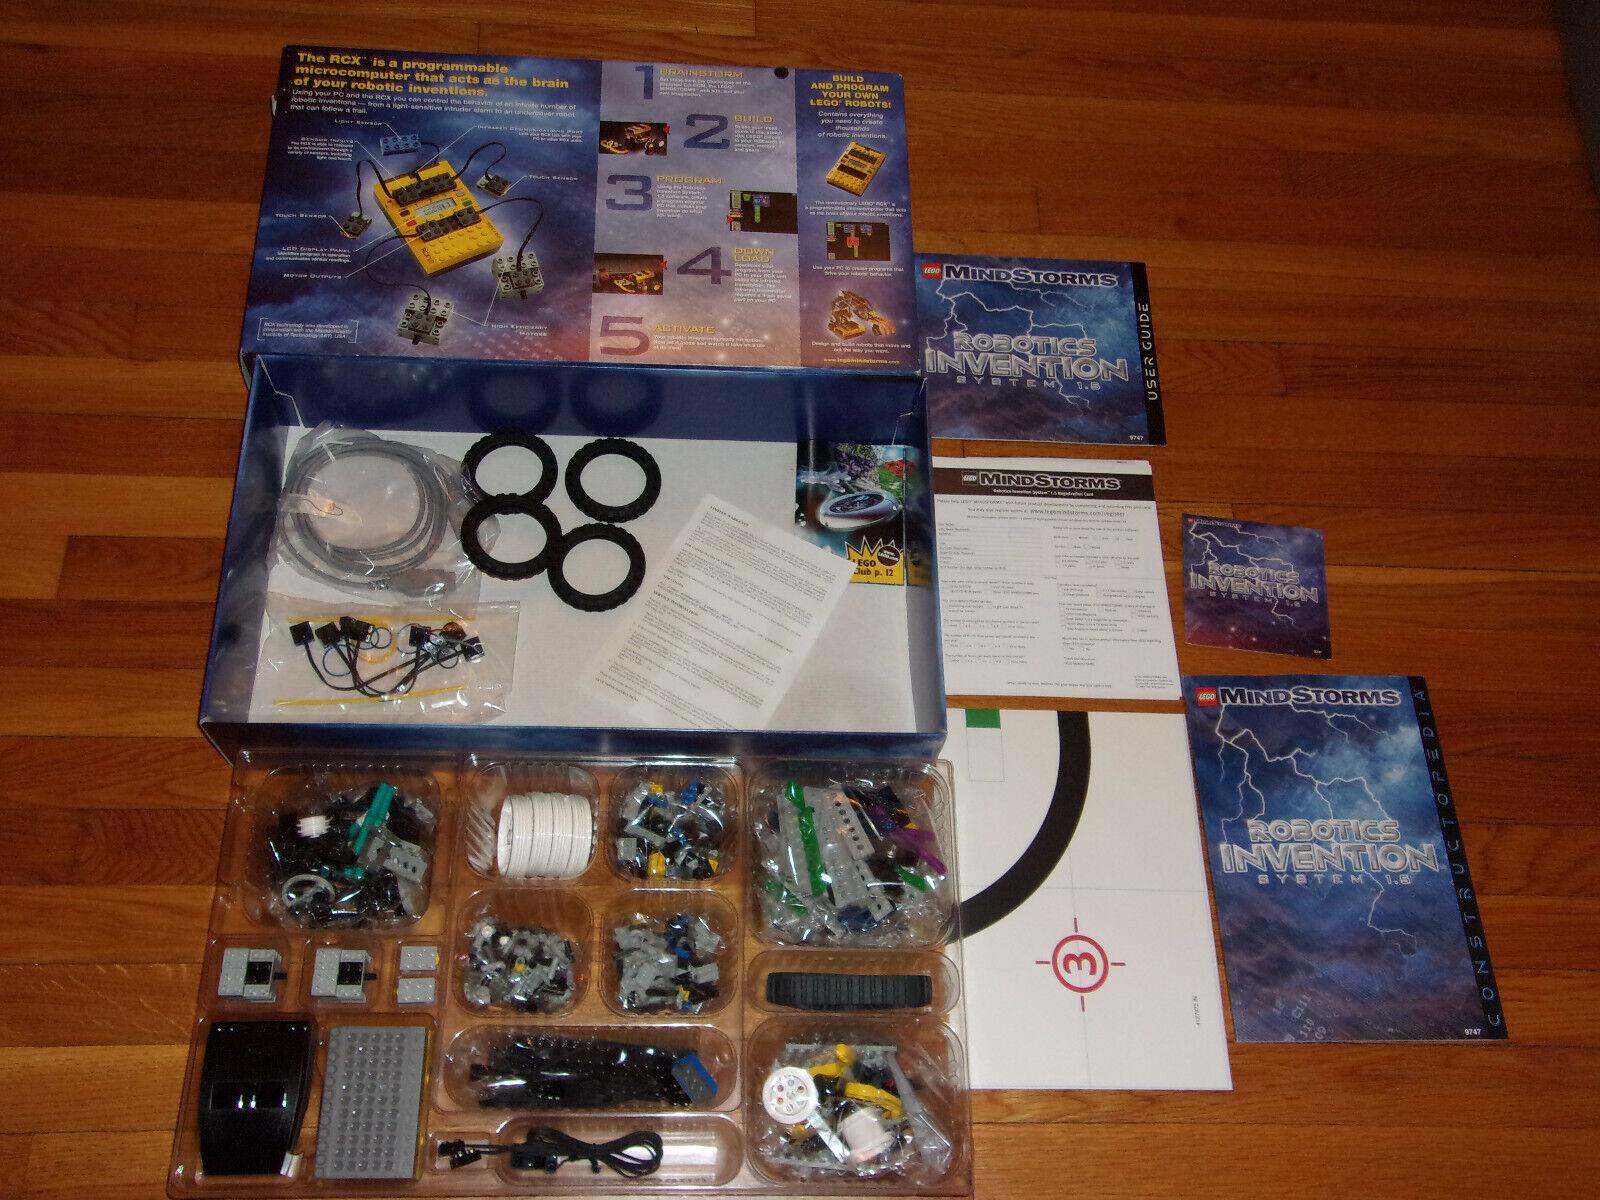 nuovo 1999 Lego Mindstorms Robotics  Invention System 1.5  9747  con il 60% di sconto